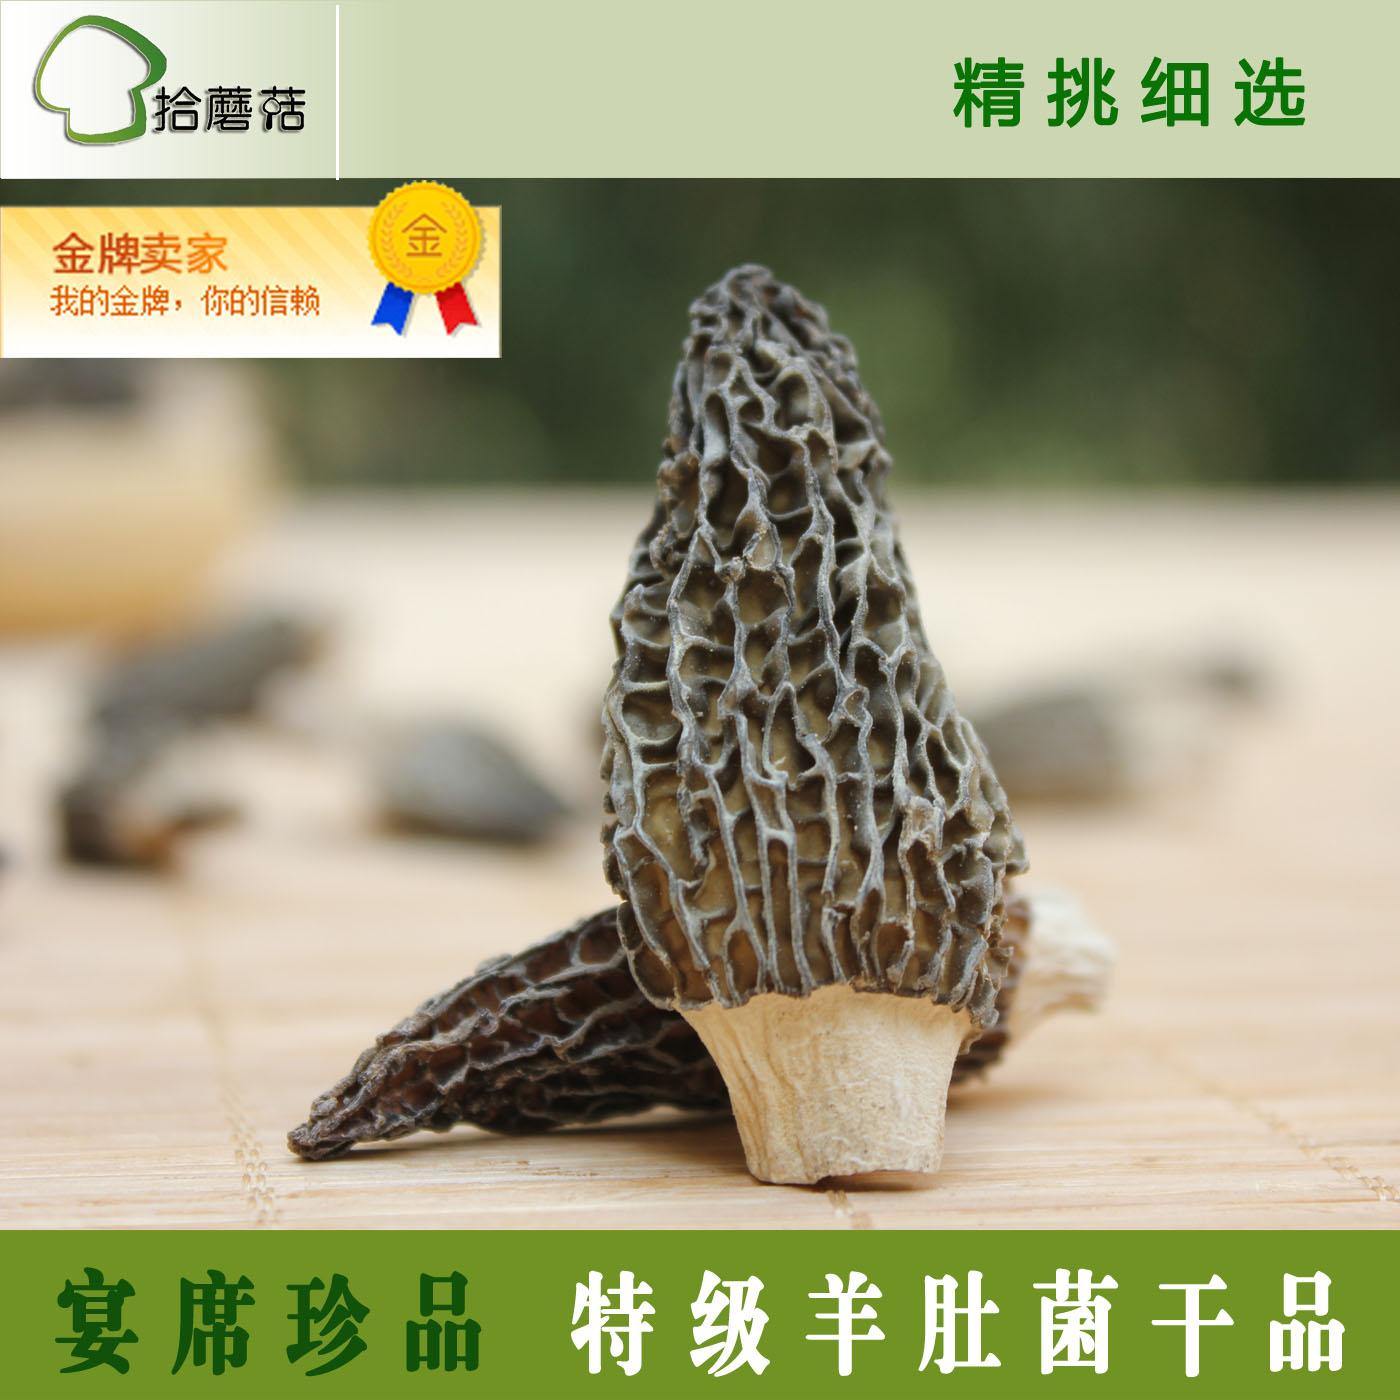 拾蘑菇 羊肚菌干货 剪柄 云南香格里拉野生菌香菇食用菌 包邮50g